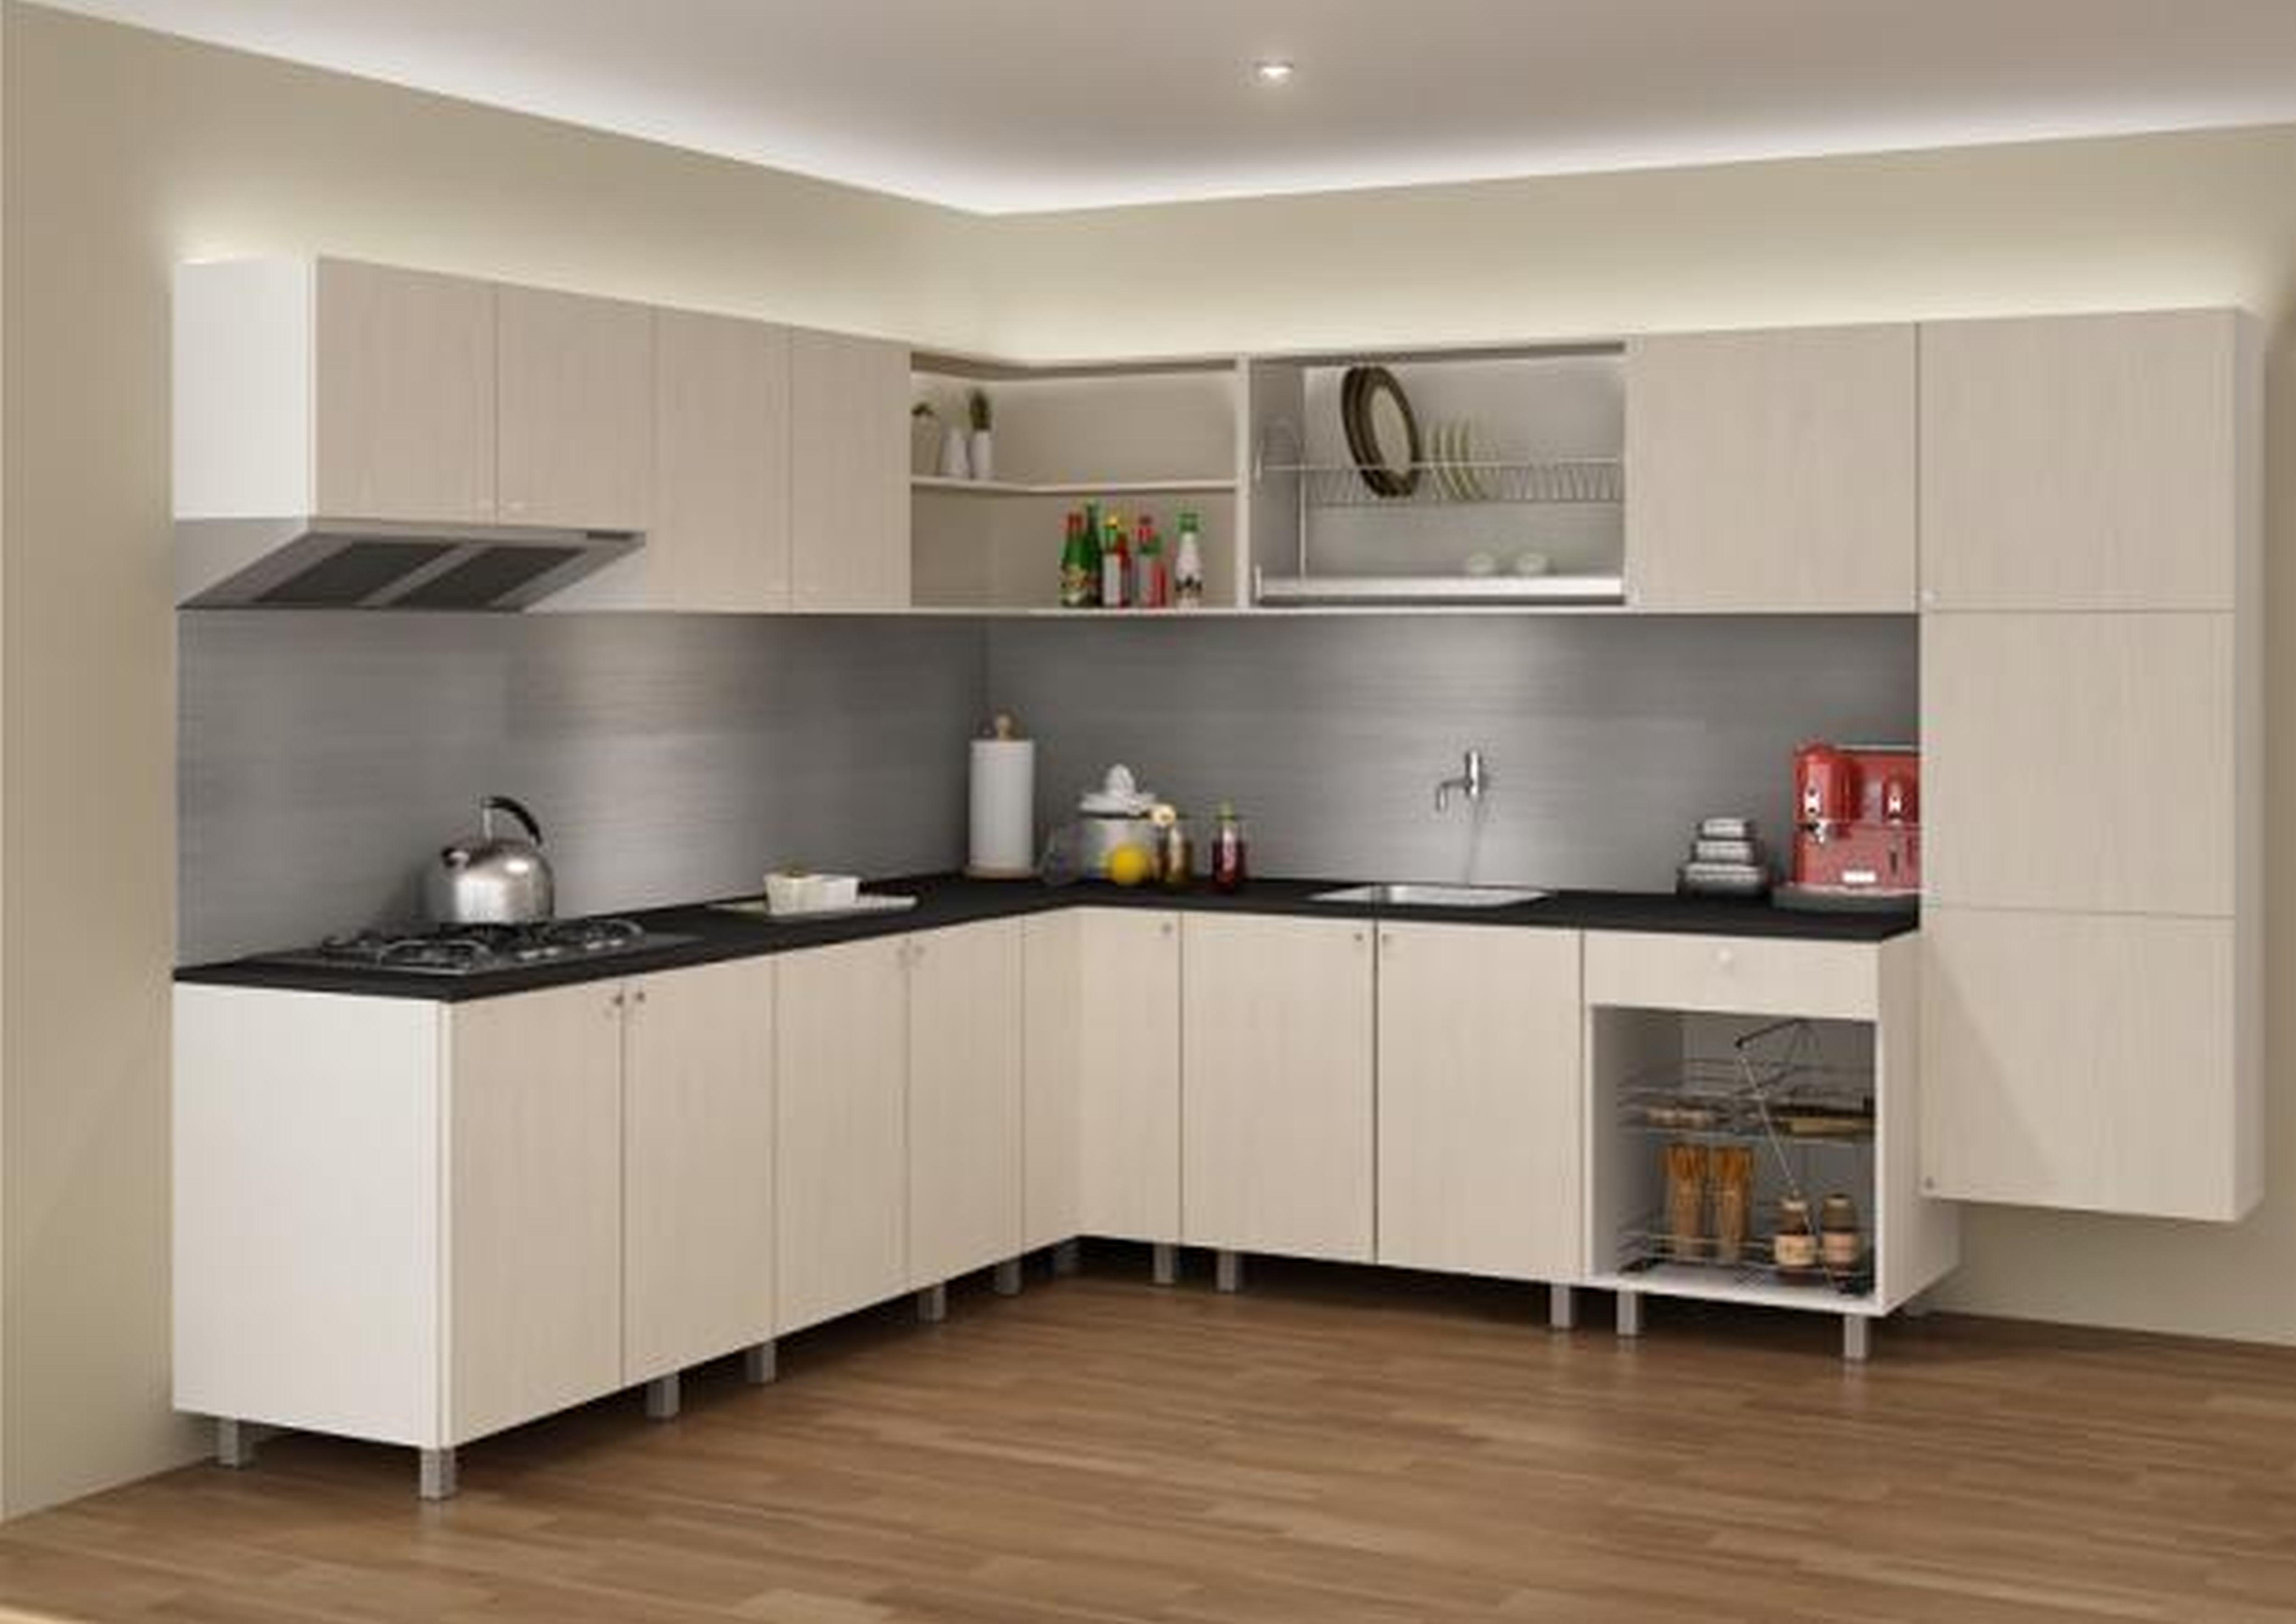 Quarz-küchendesign küche kabinett hardware sacramento ca  bevor sie kaufen cabinet